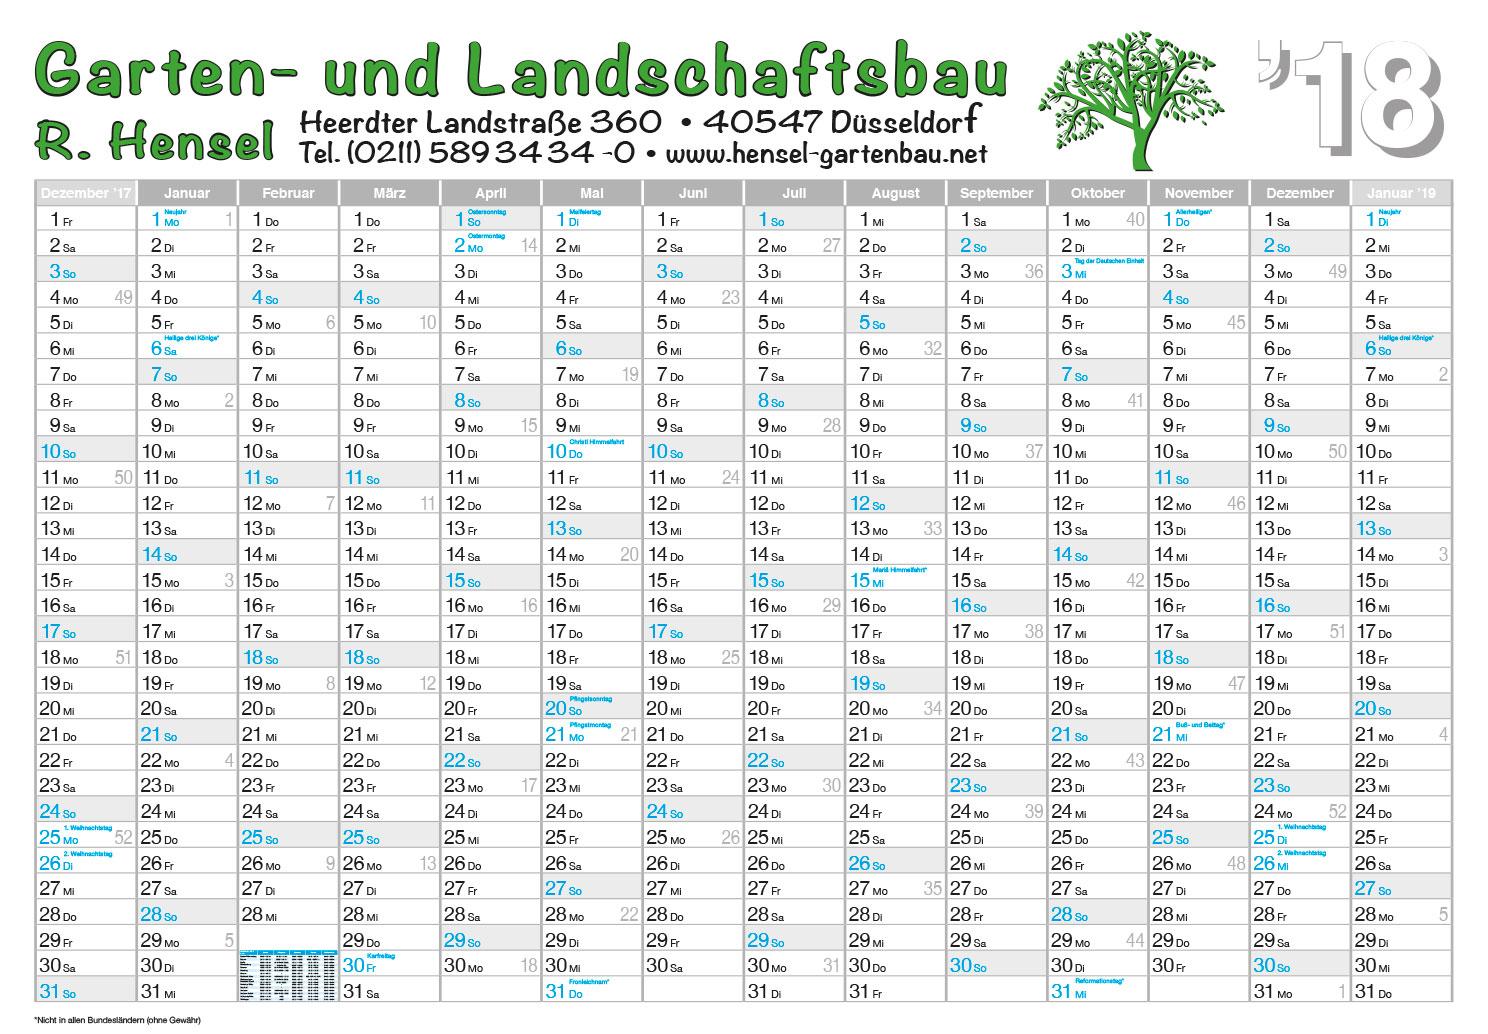 Referenz Wandplaner 2018 Garten u. Landschaftsbau Hensel